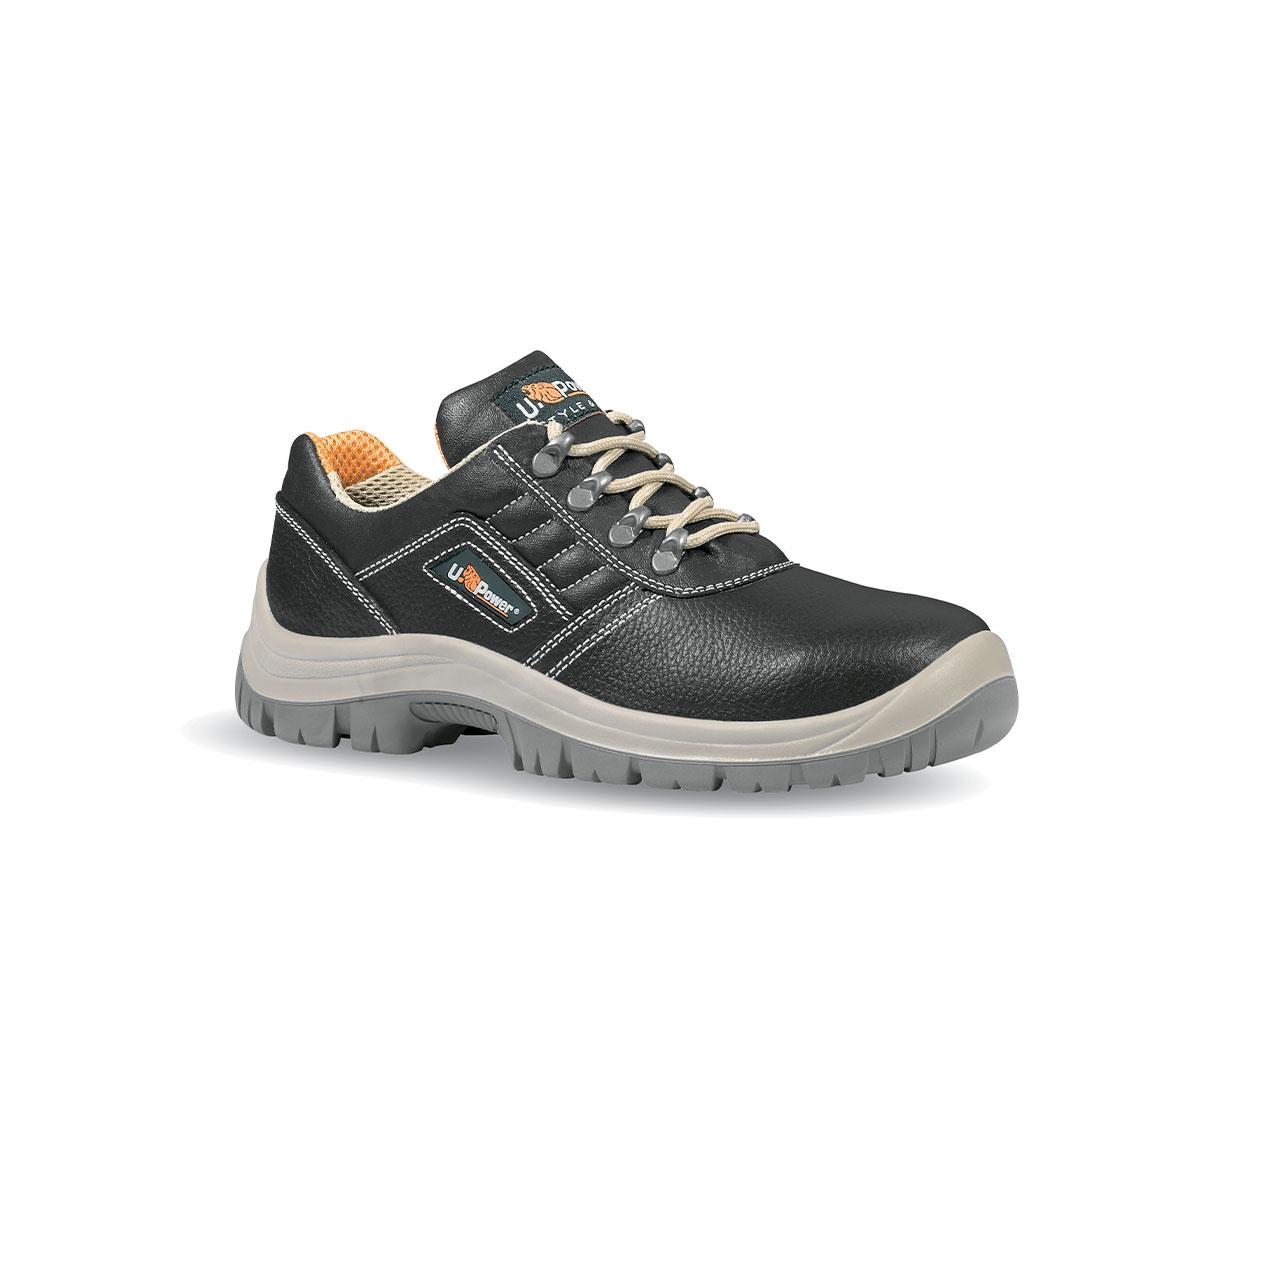 scarpa antinfortunistica upower modello team linea STYLE_JOB vista laterale